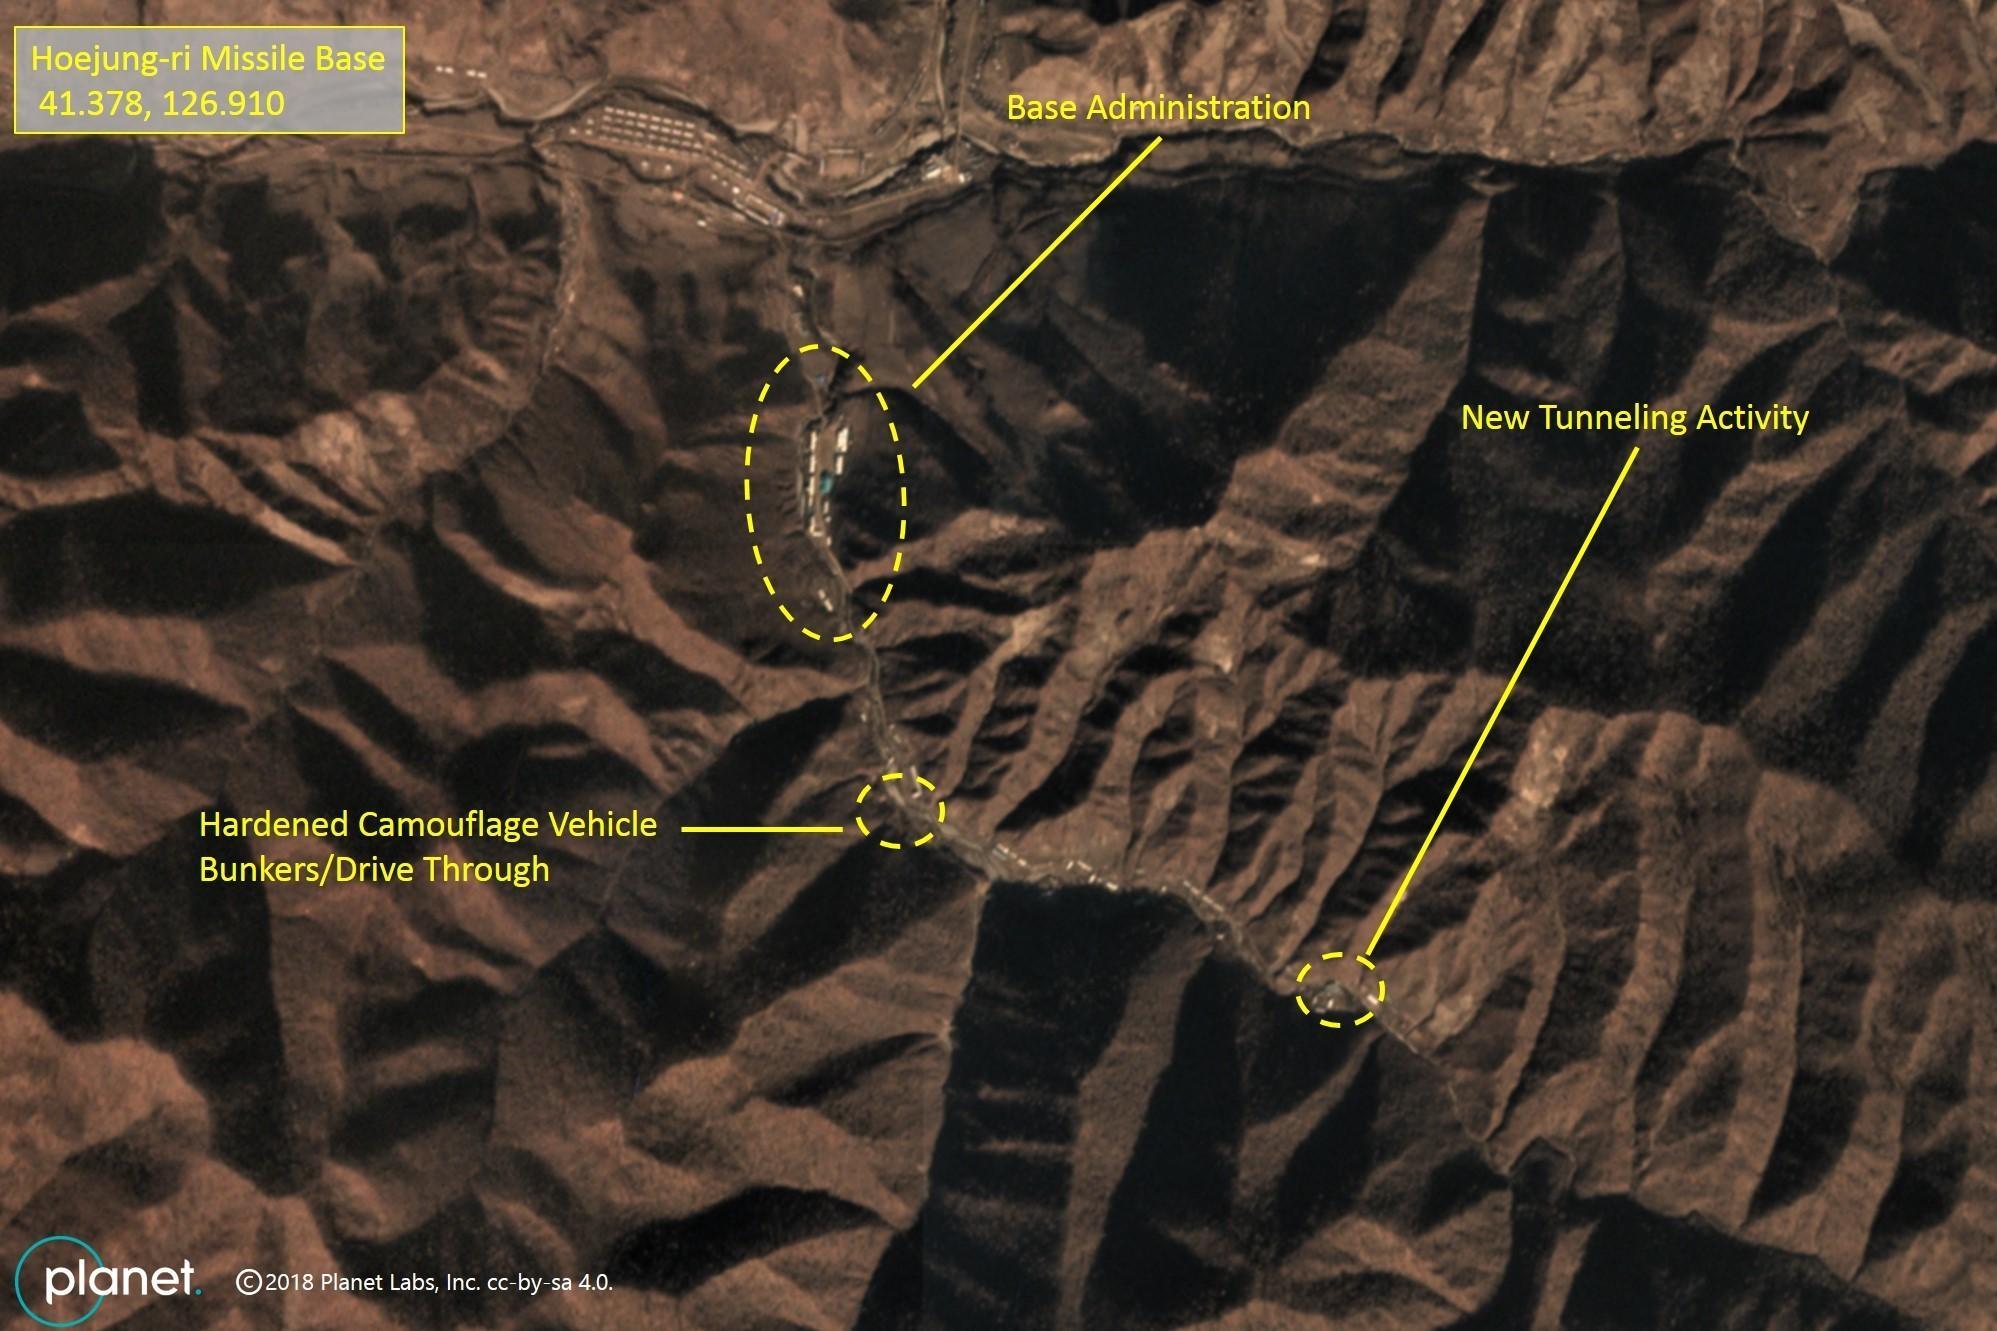 Bắc Hàn tiếp tục mở rộng cơ sở hỏa tiễn